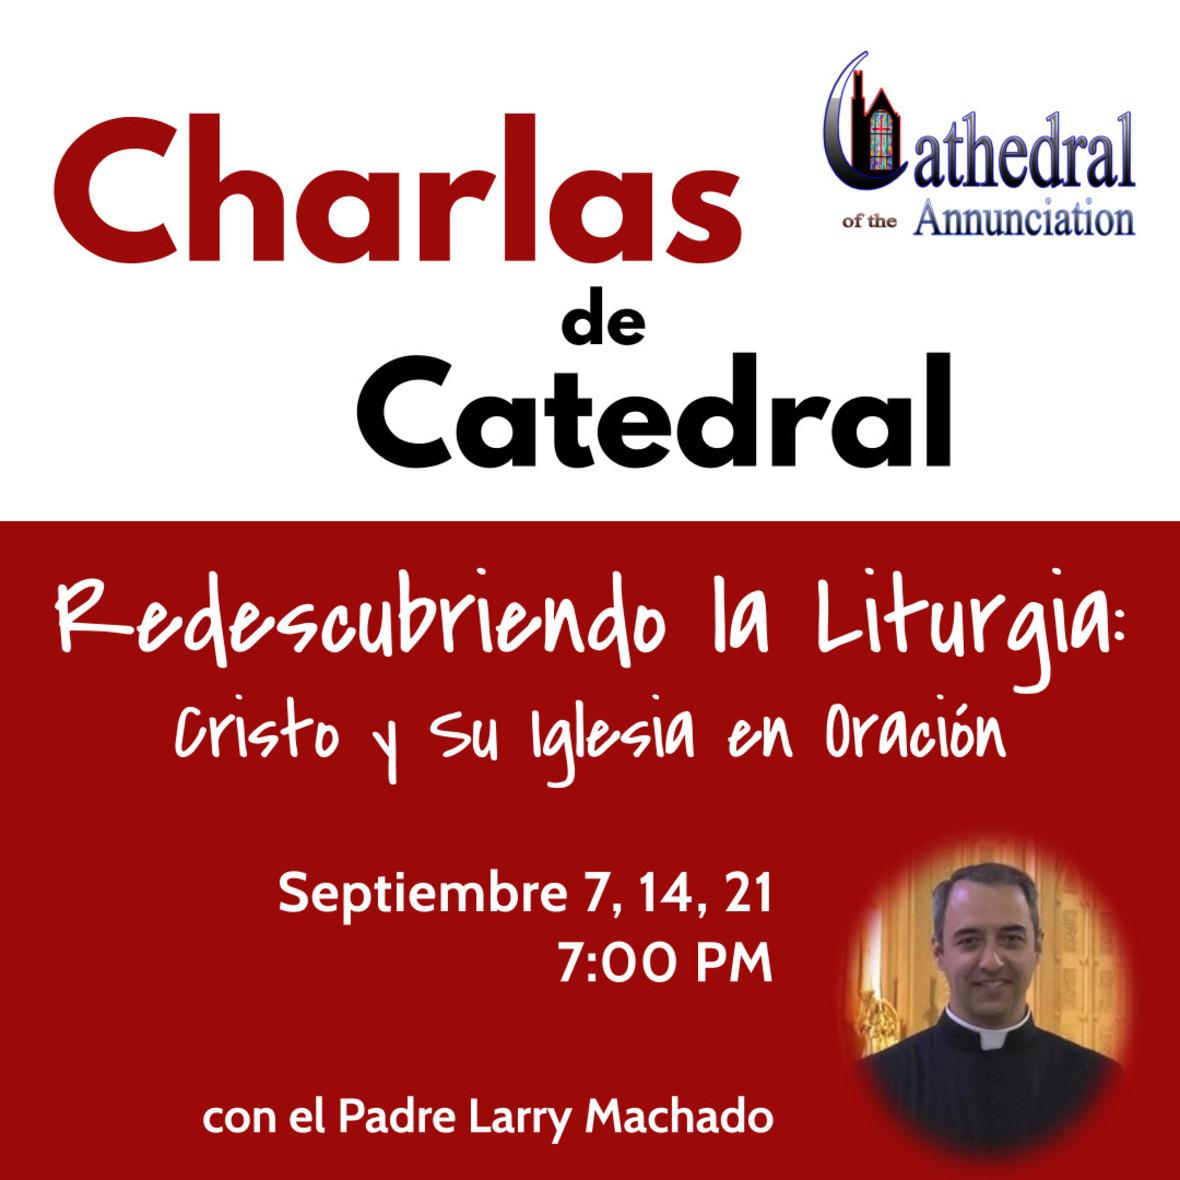 Charlas 1